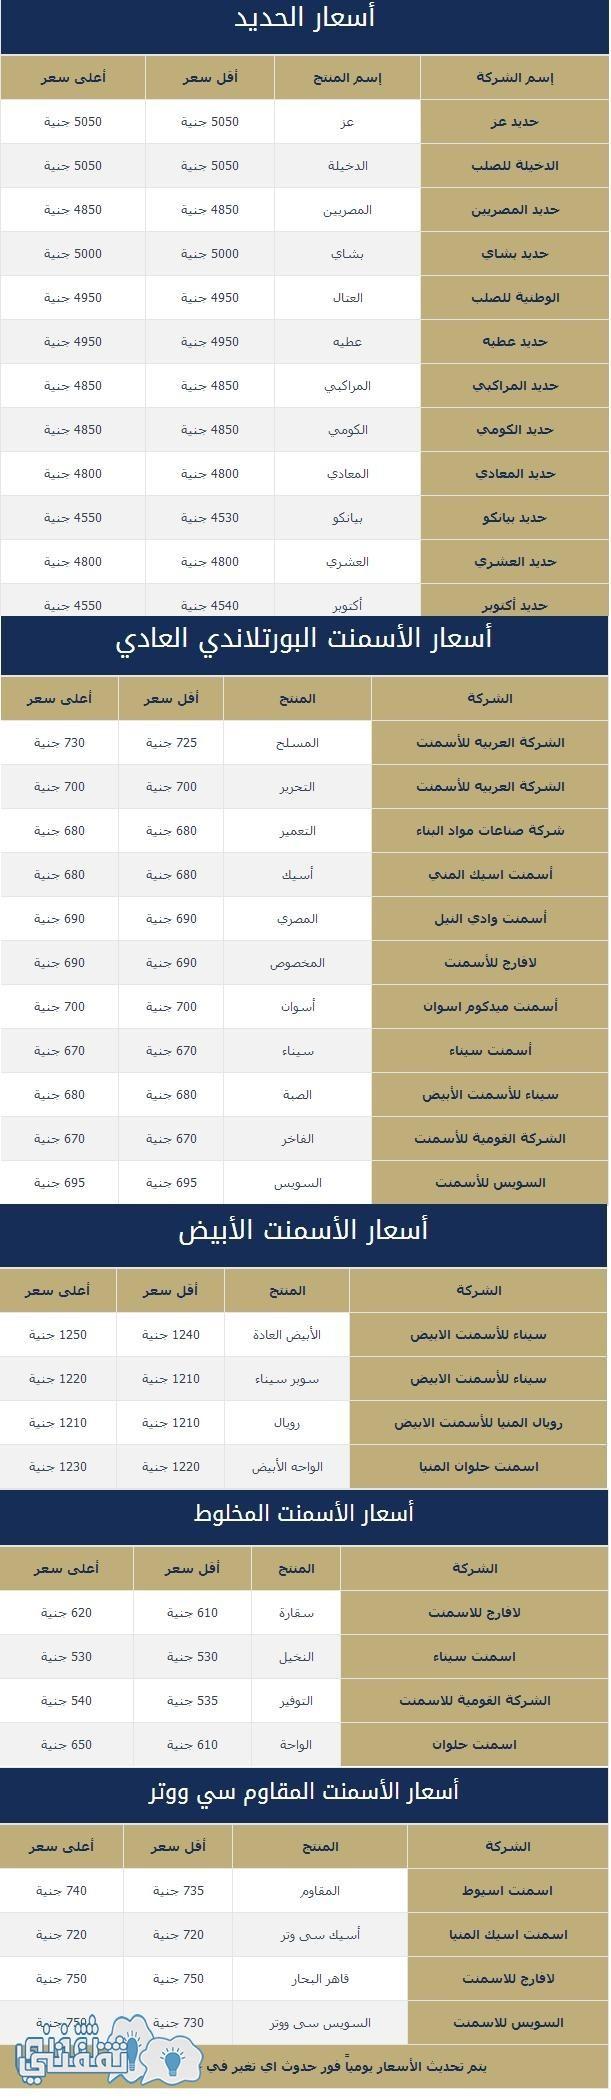 أسعار الحديد والأسمنت ليوم الجمعة 25 مارس 2016